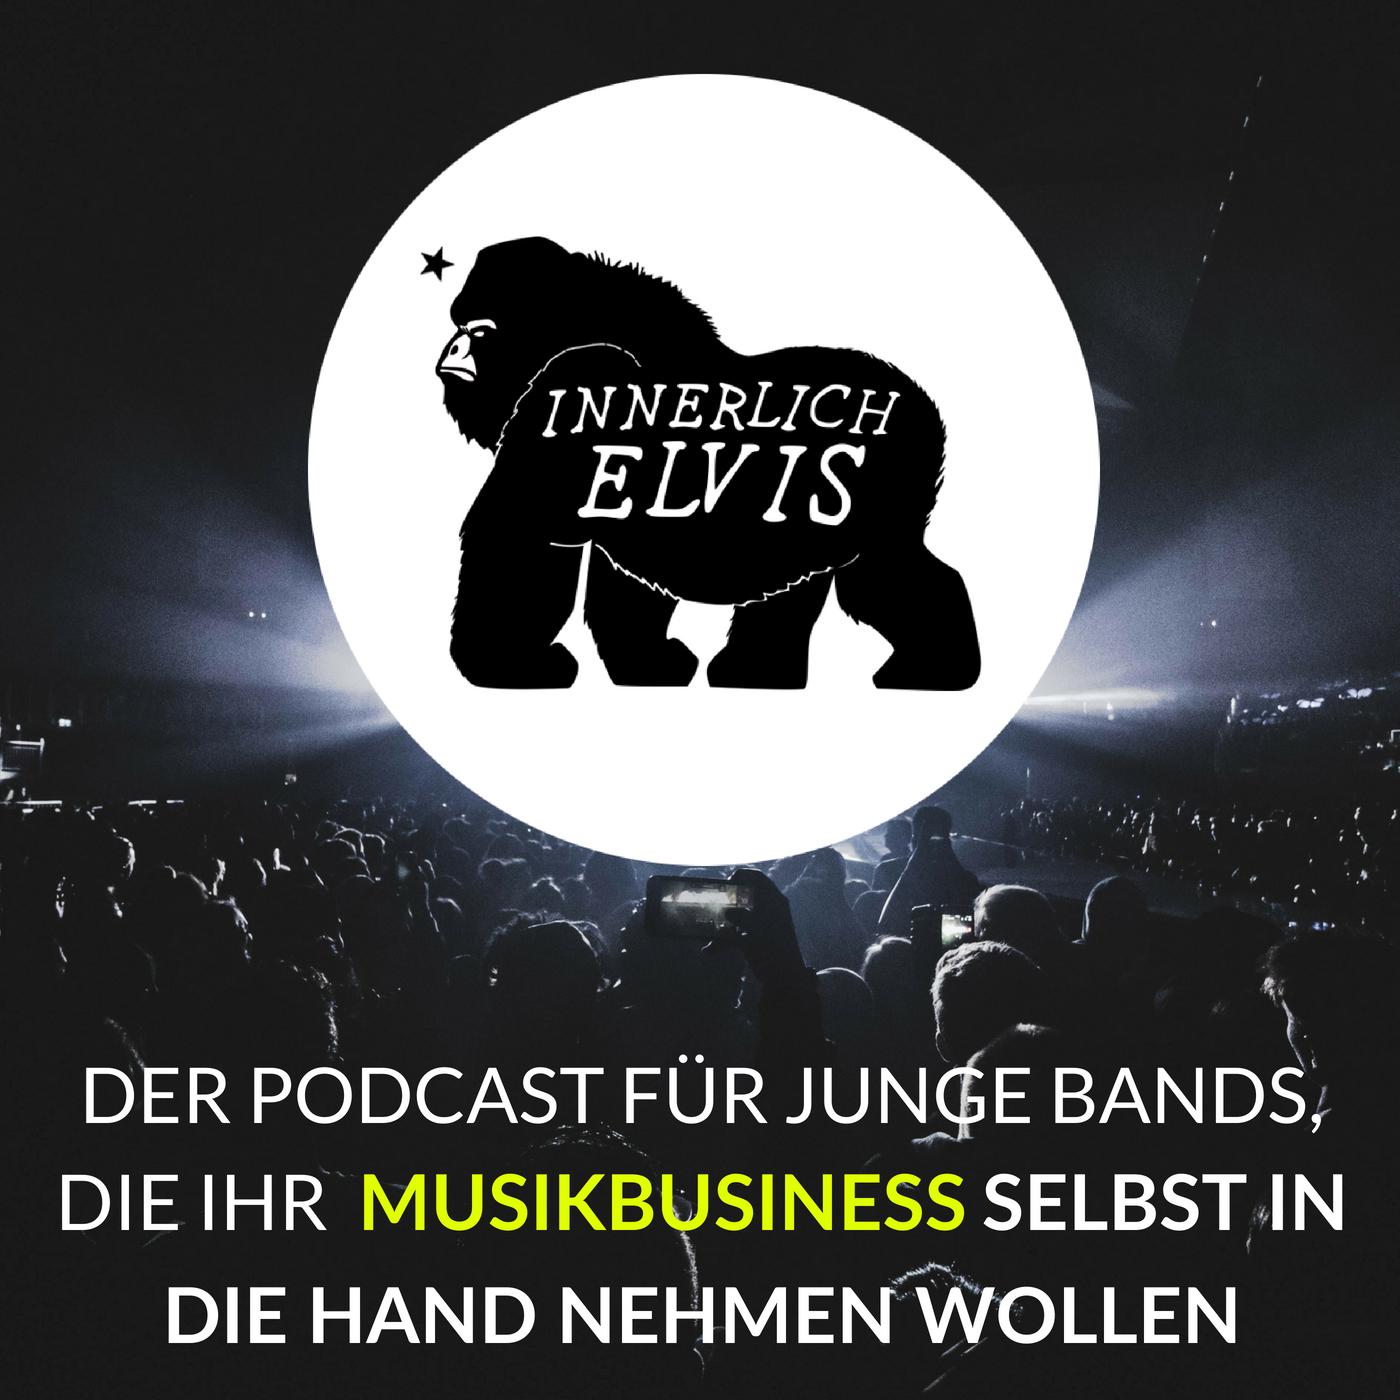 Innerlich Elvis - Der Podcast für junge Bands, die ihr Musikbusiness selbst in die Hand nehmen wollen